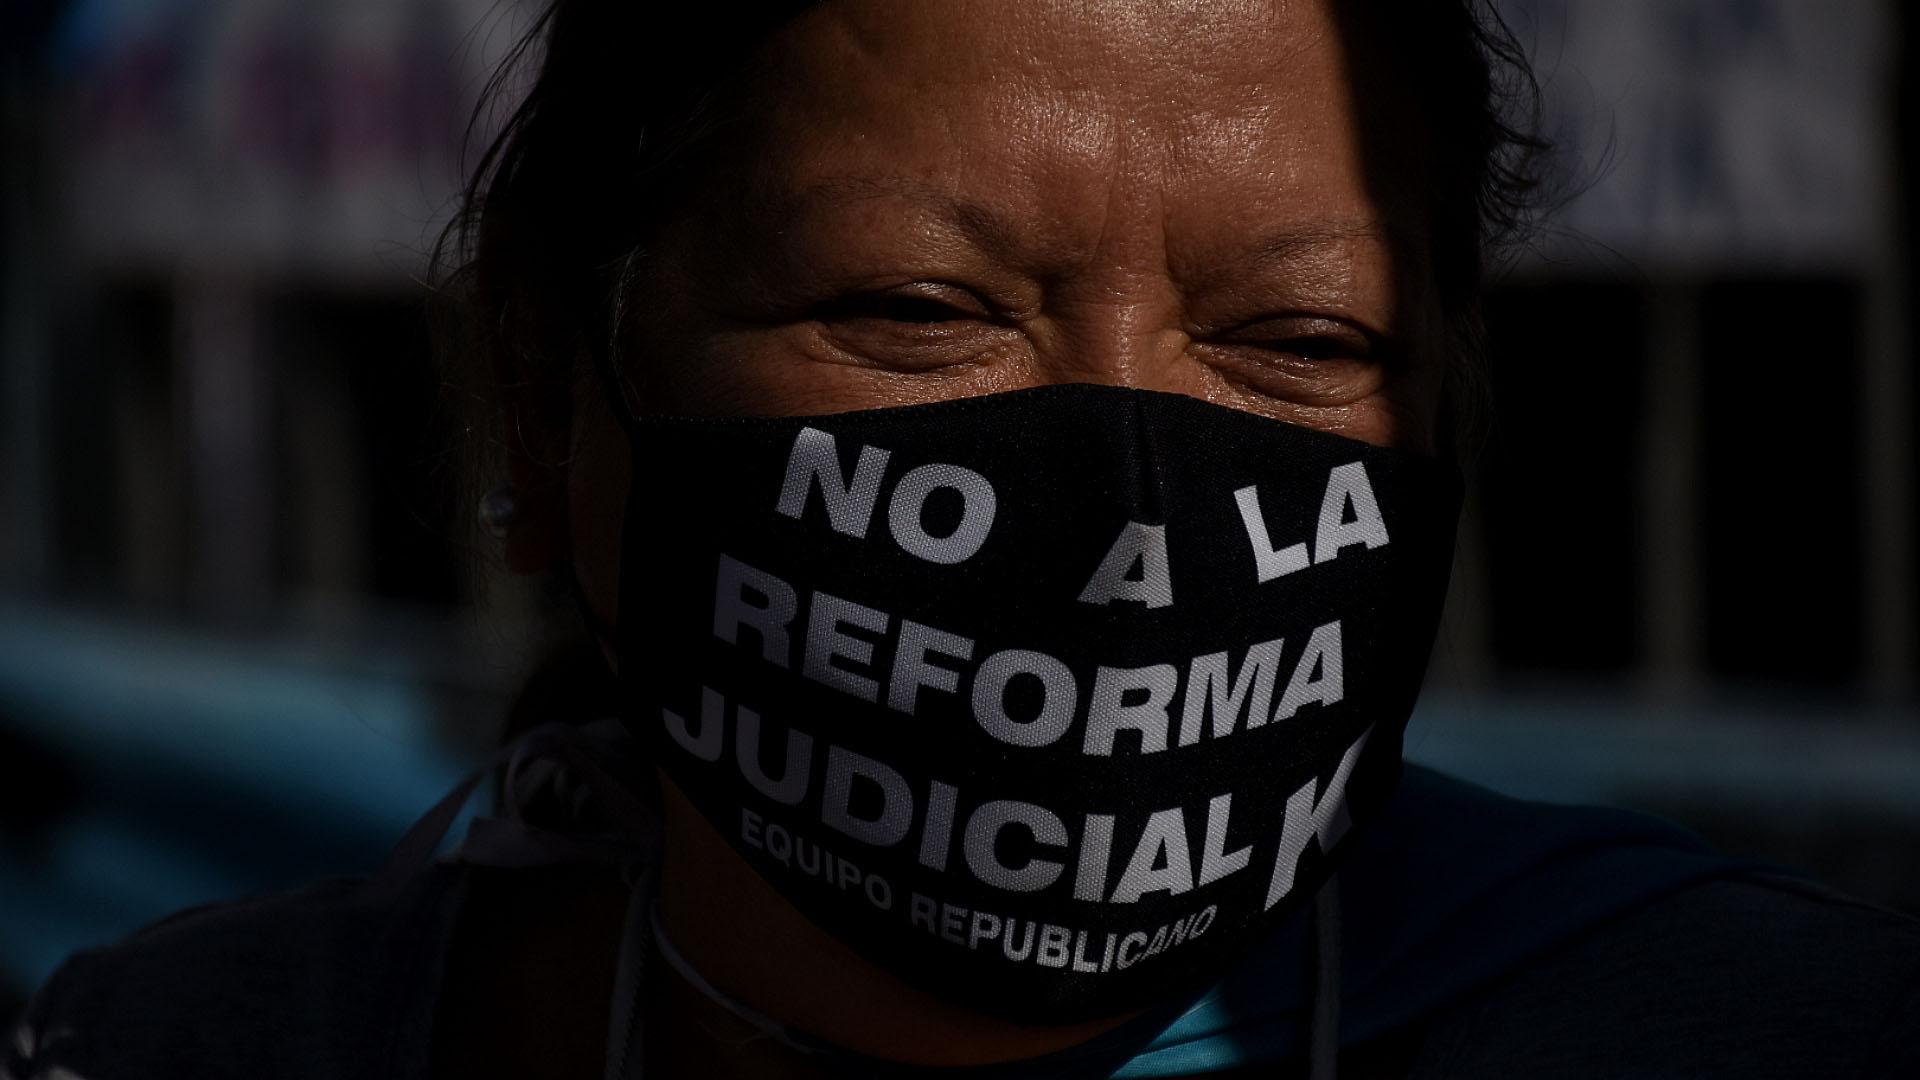 La reforma judicial que impulsa el Gobierno fue uno de los temas más cuestionados de la marcha